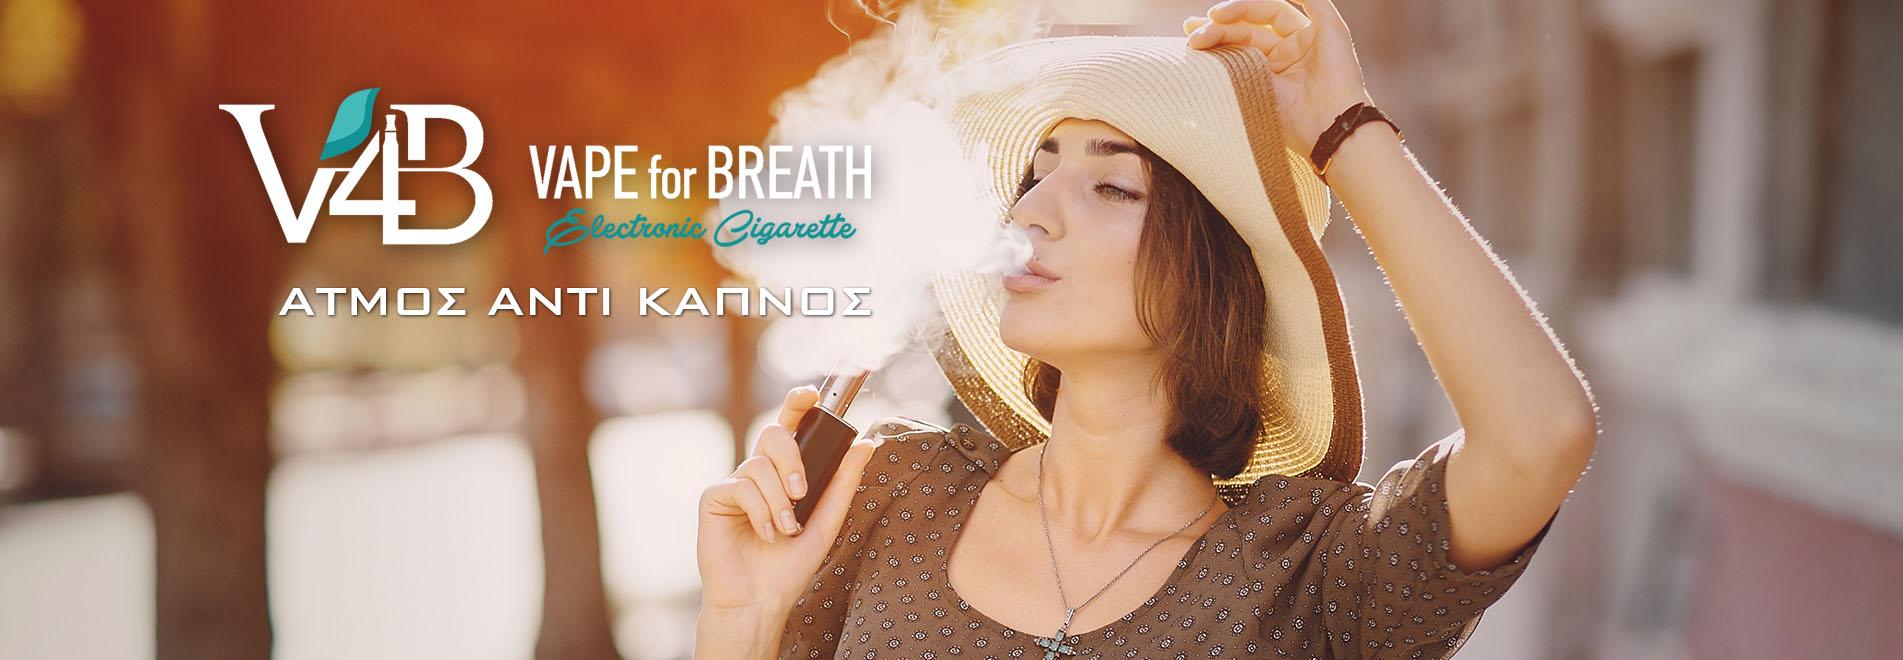 Ατμός αντί Καπνός